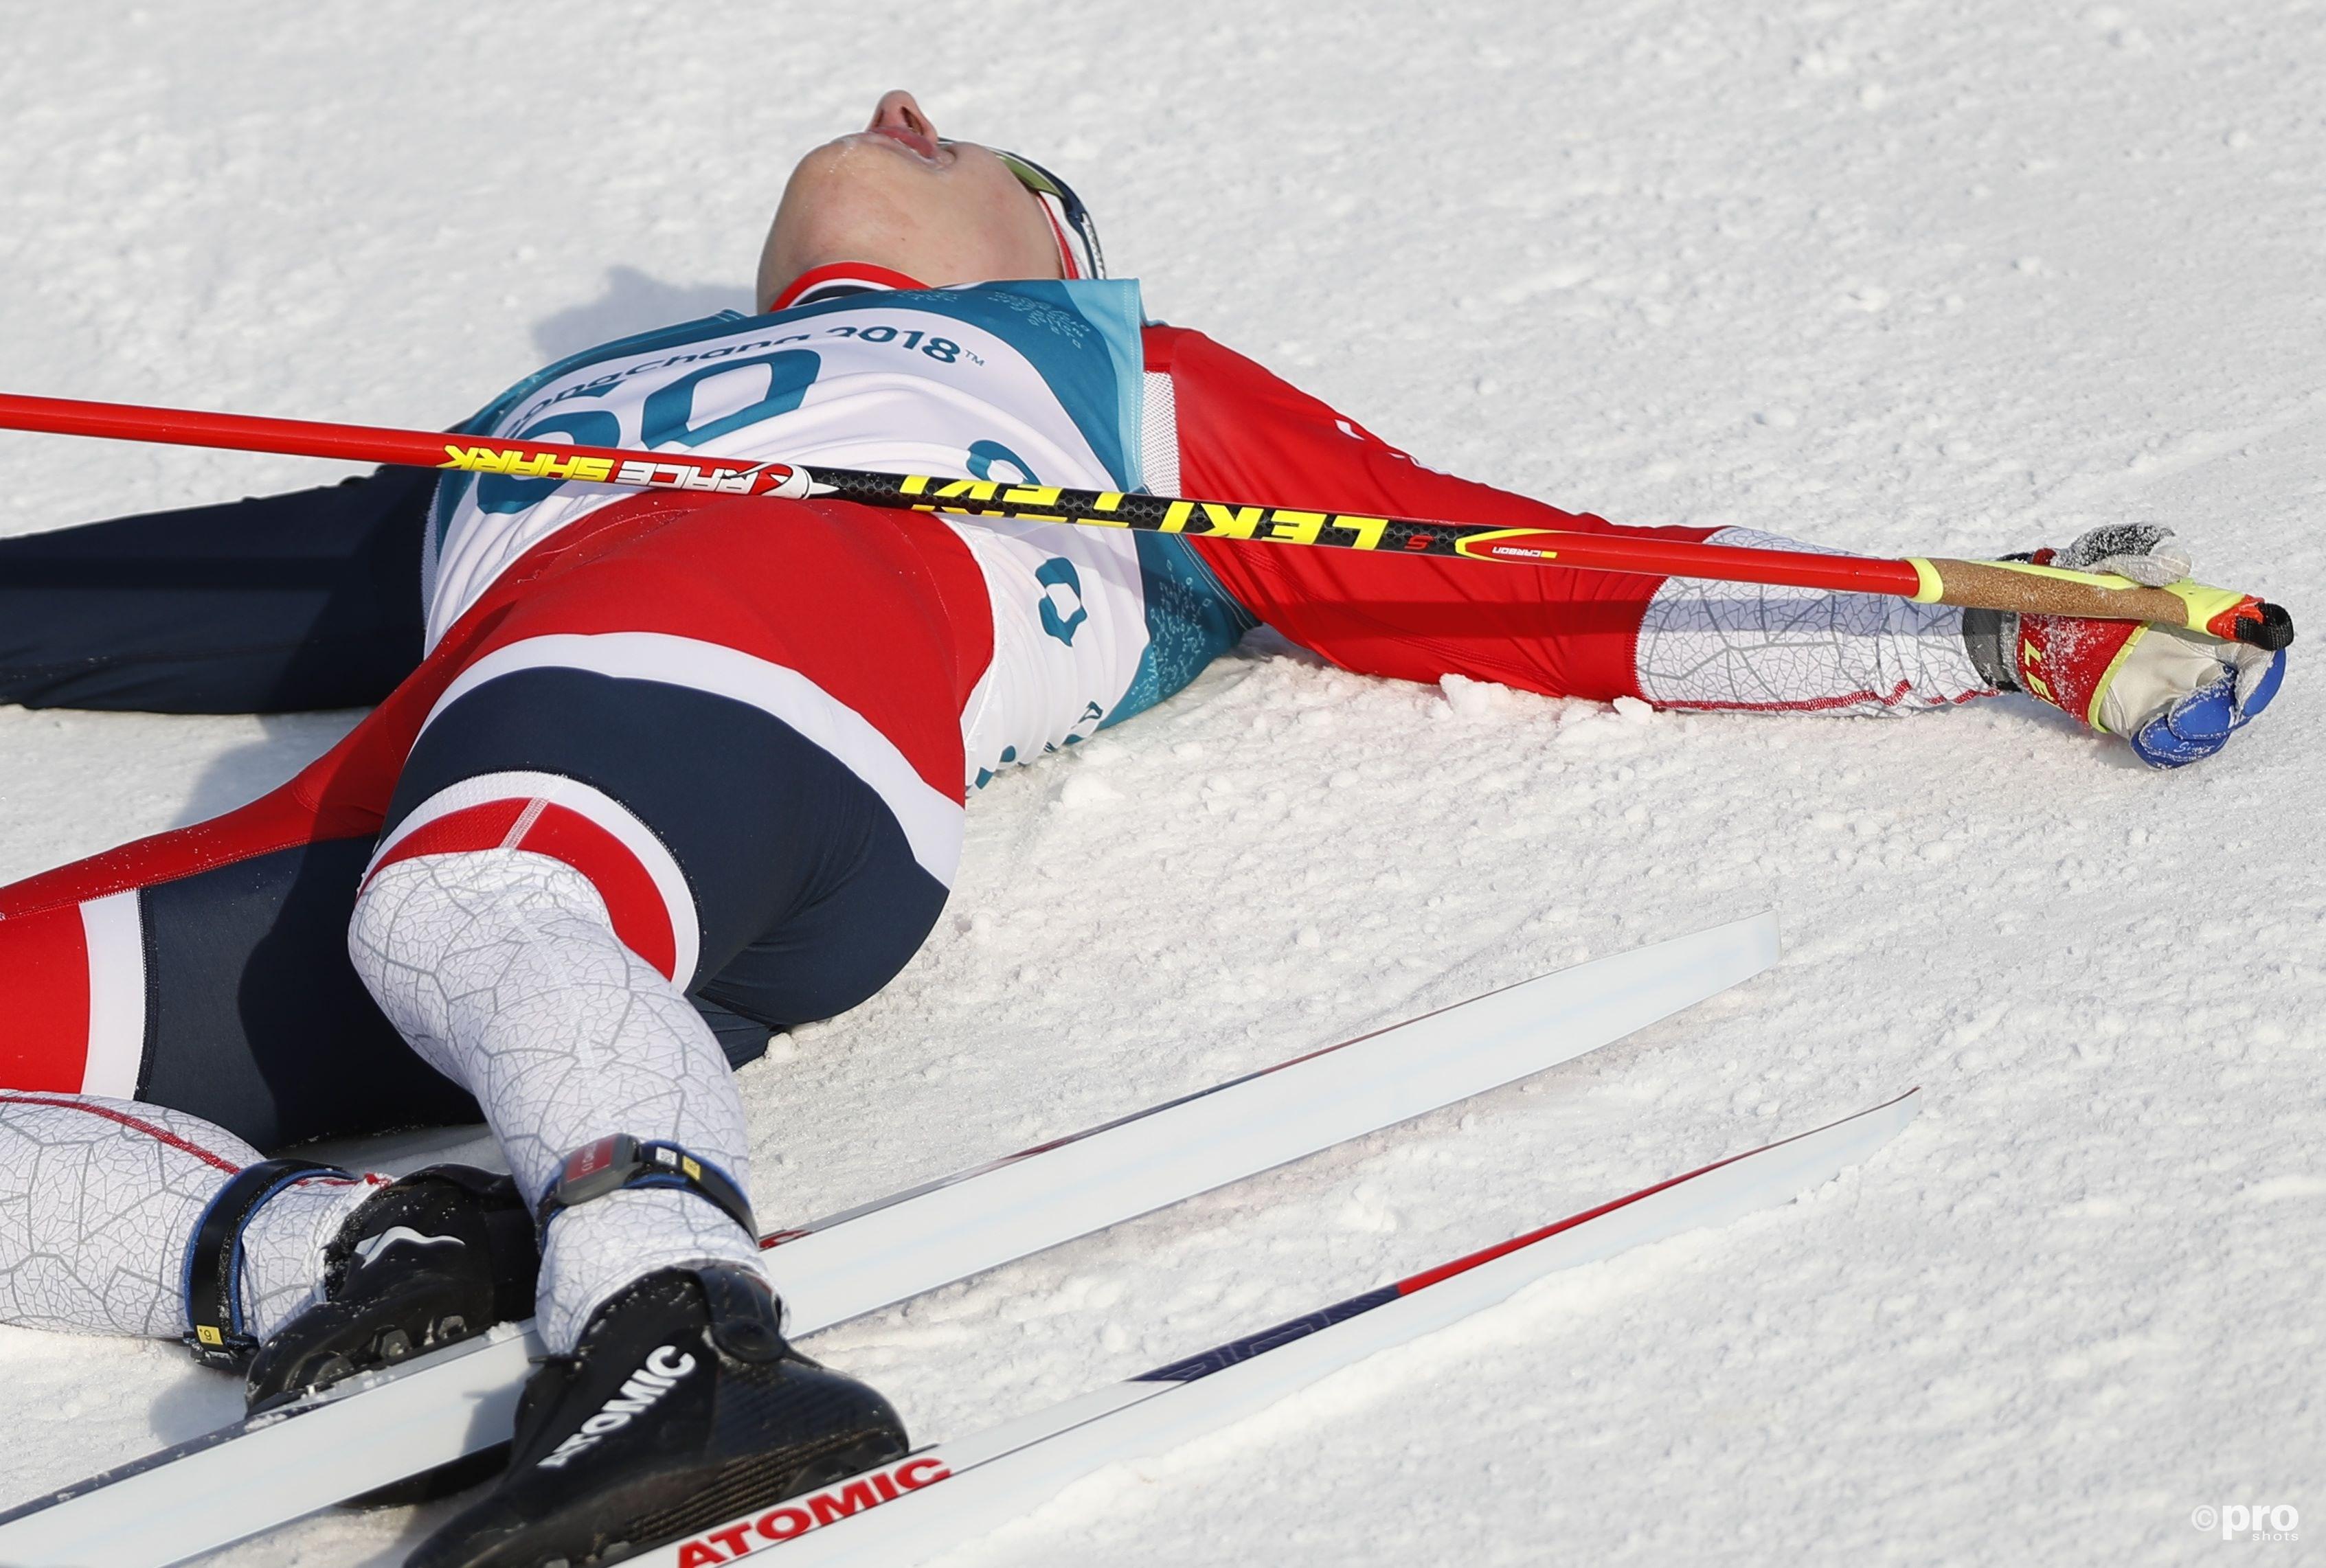 Hét typische langlaufbeeld: Krüger ligt compleet gesloopt in de sneeuw na de finish van, zo bleek, zijn zilveren race (Pro Shots/Action Images)